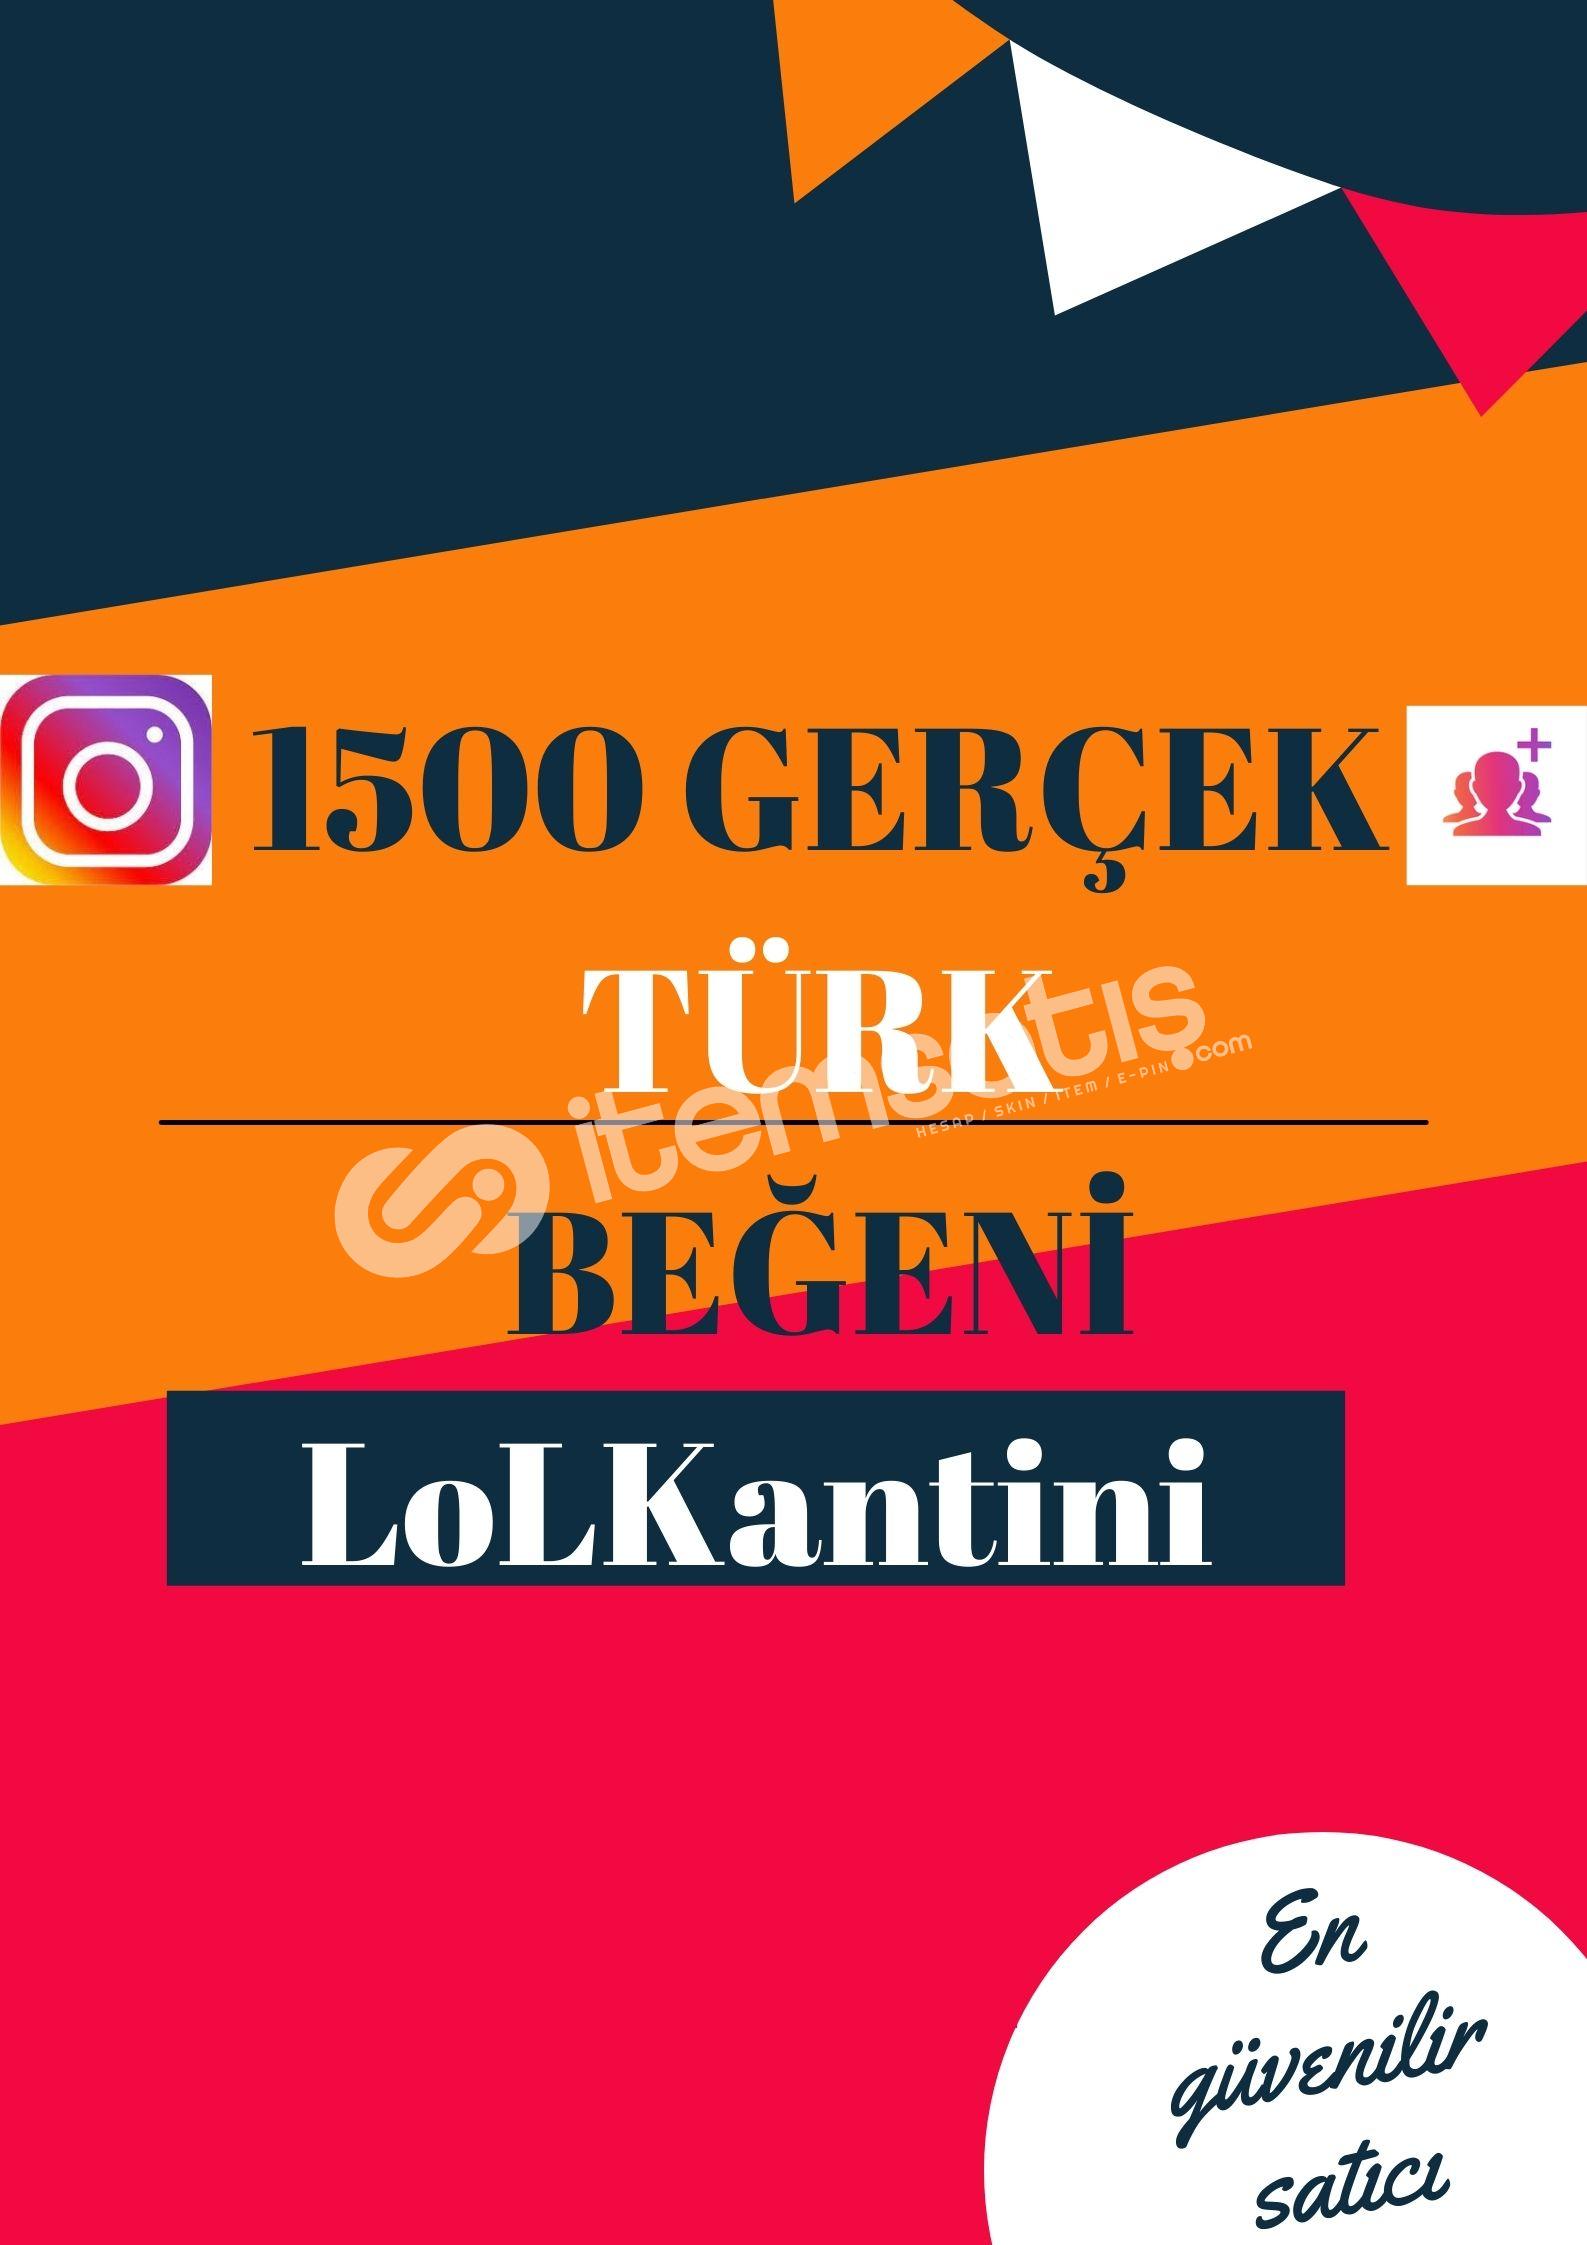 1500 TÜRK BEĞENİ / HIZLI GÖNDERİM/12K BAŞARILI